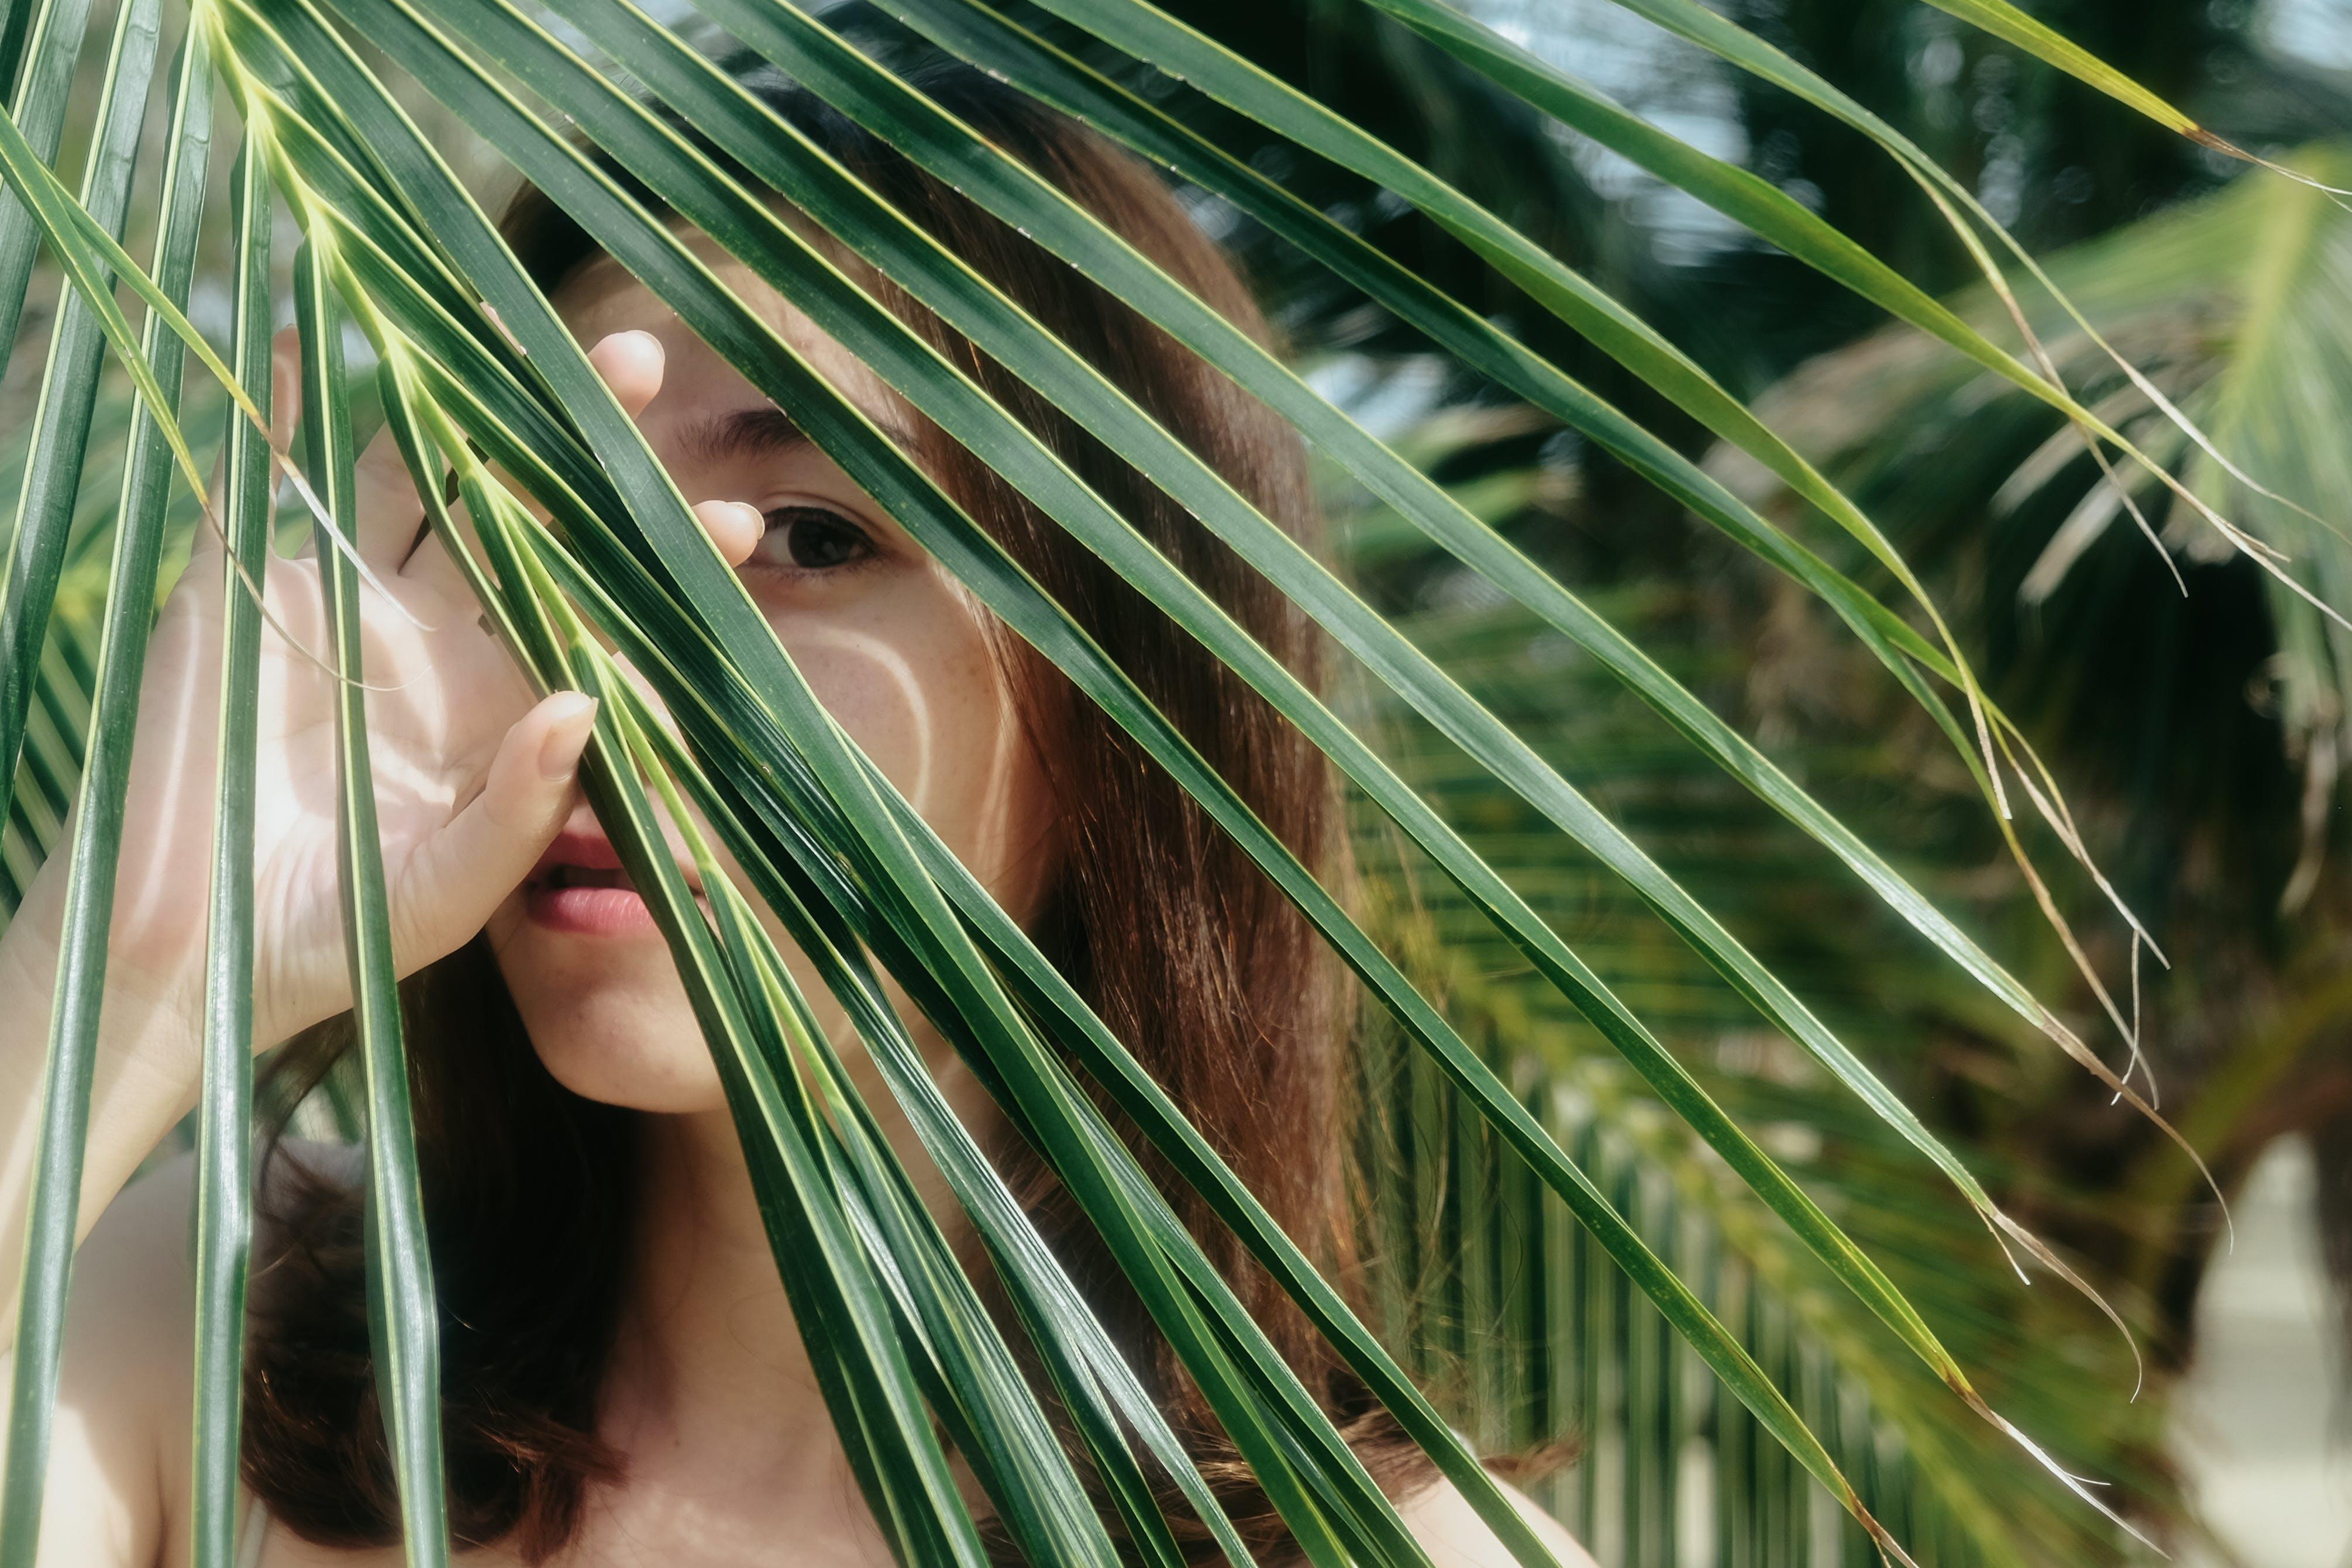 Woman Taking Selfie Behind Palm Leaf